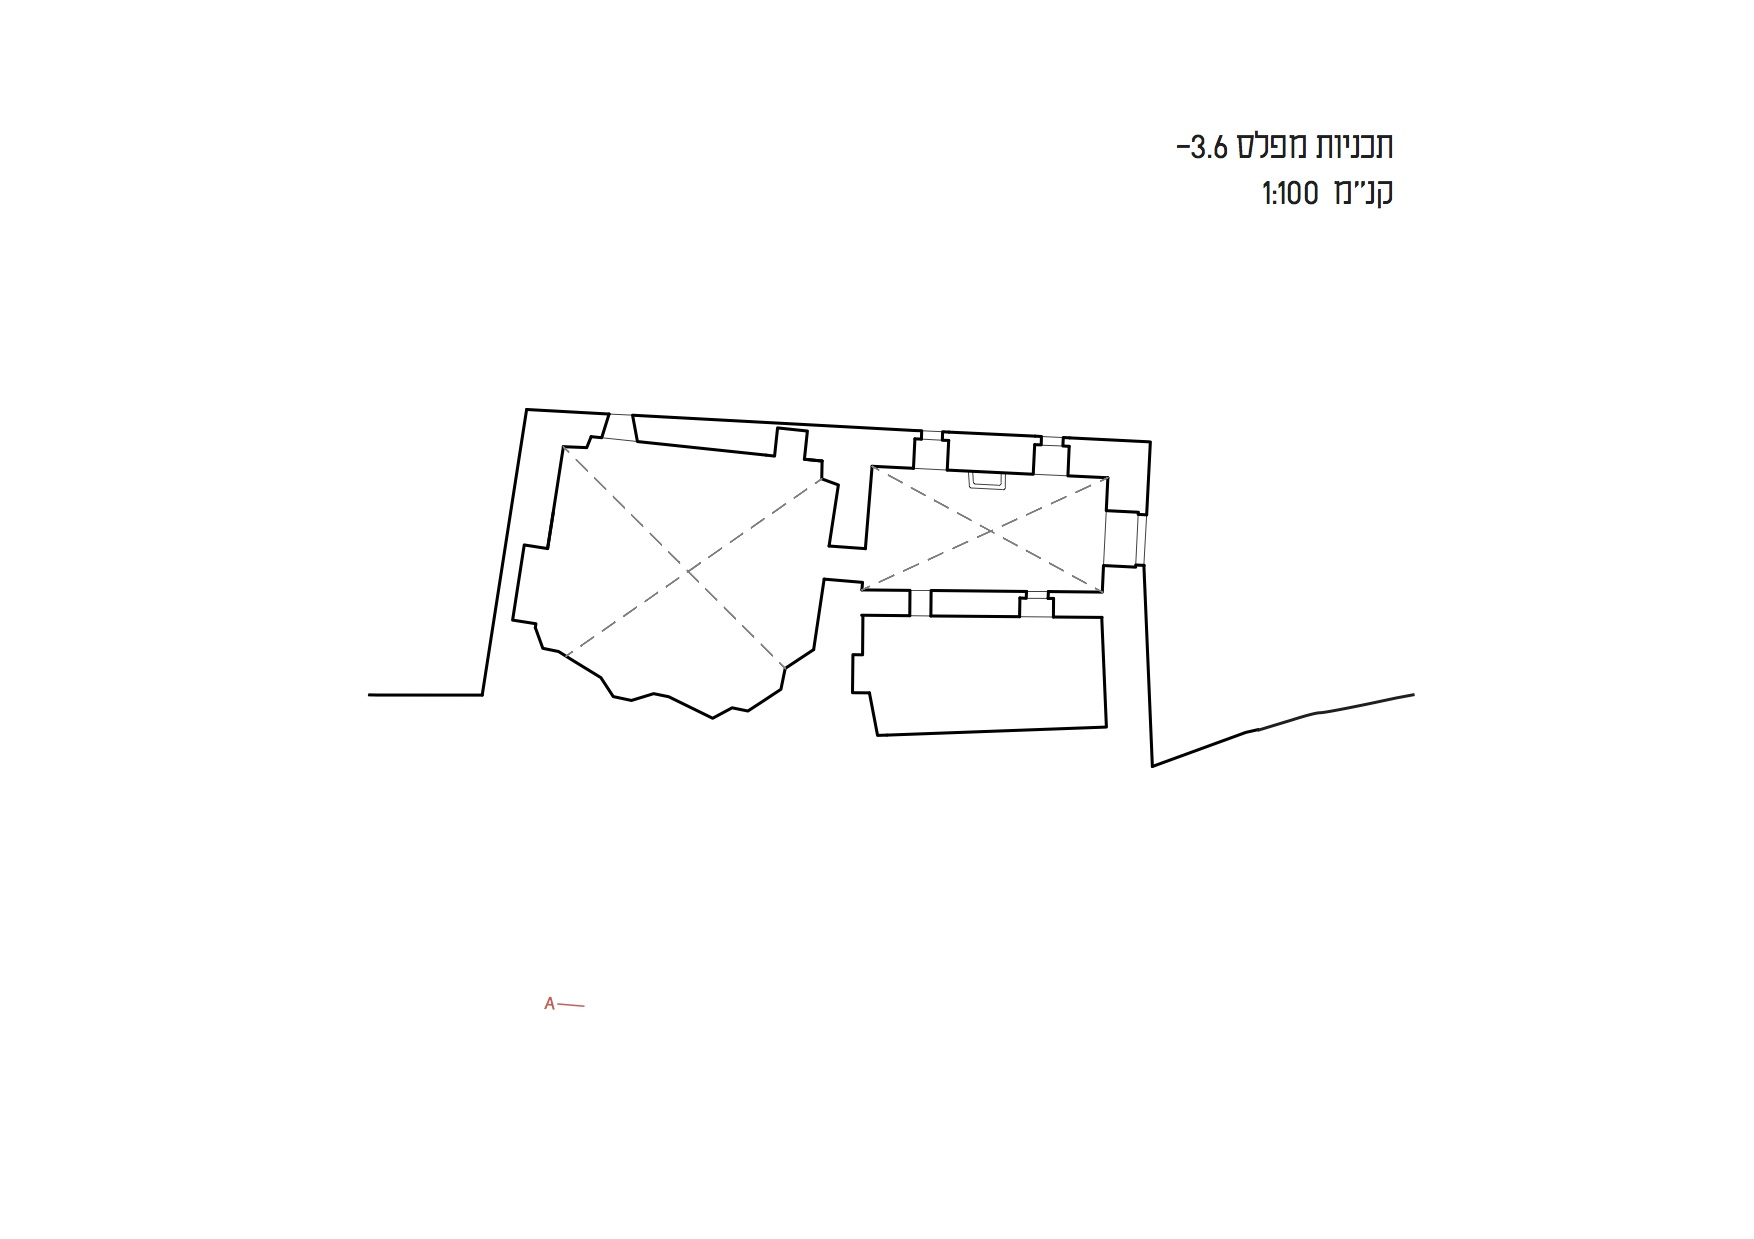 בית מספר 96-97 - תוכנית